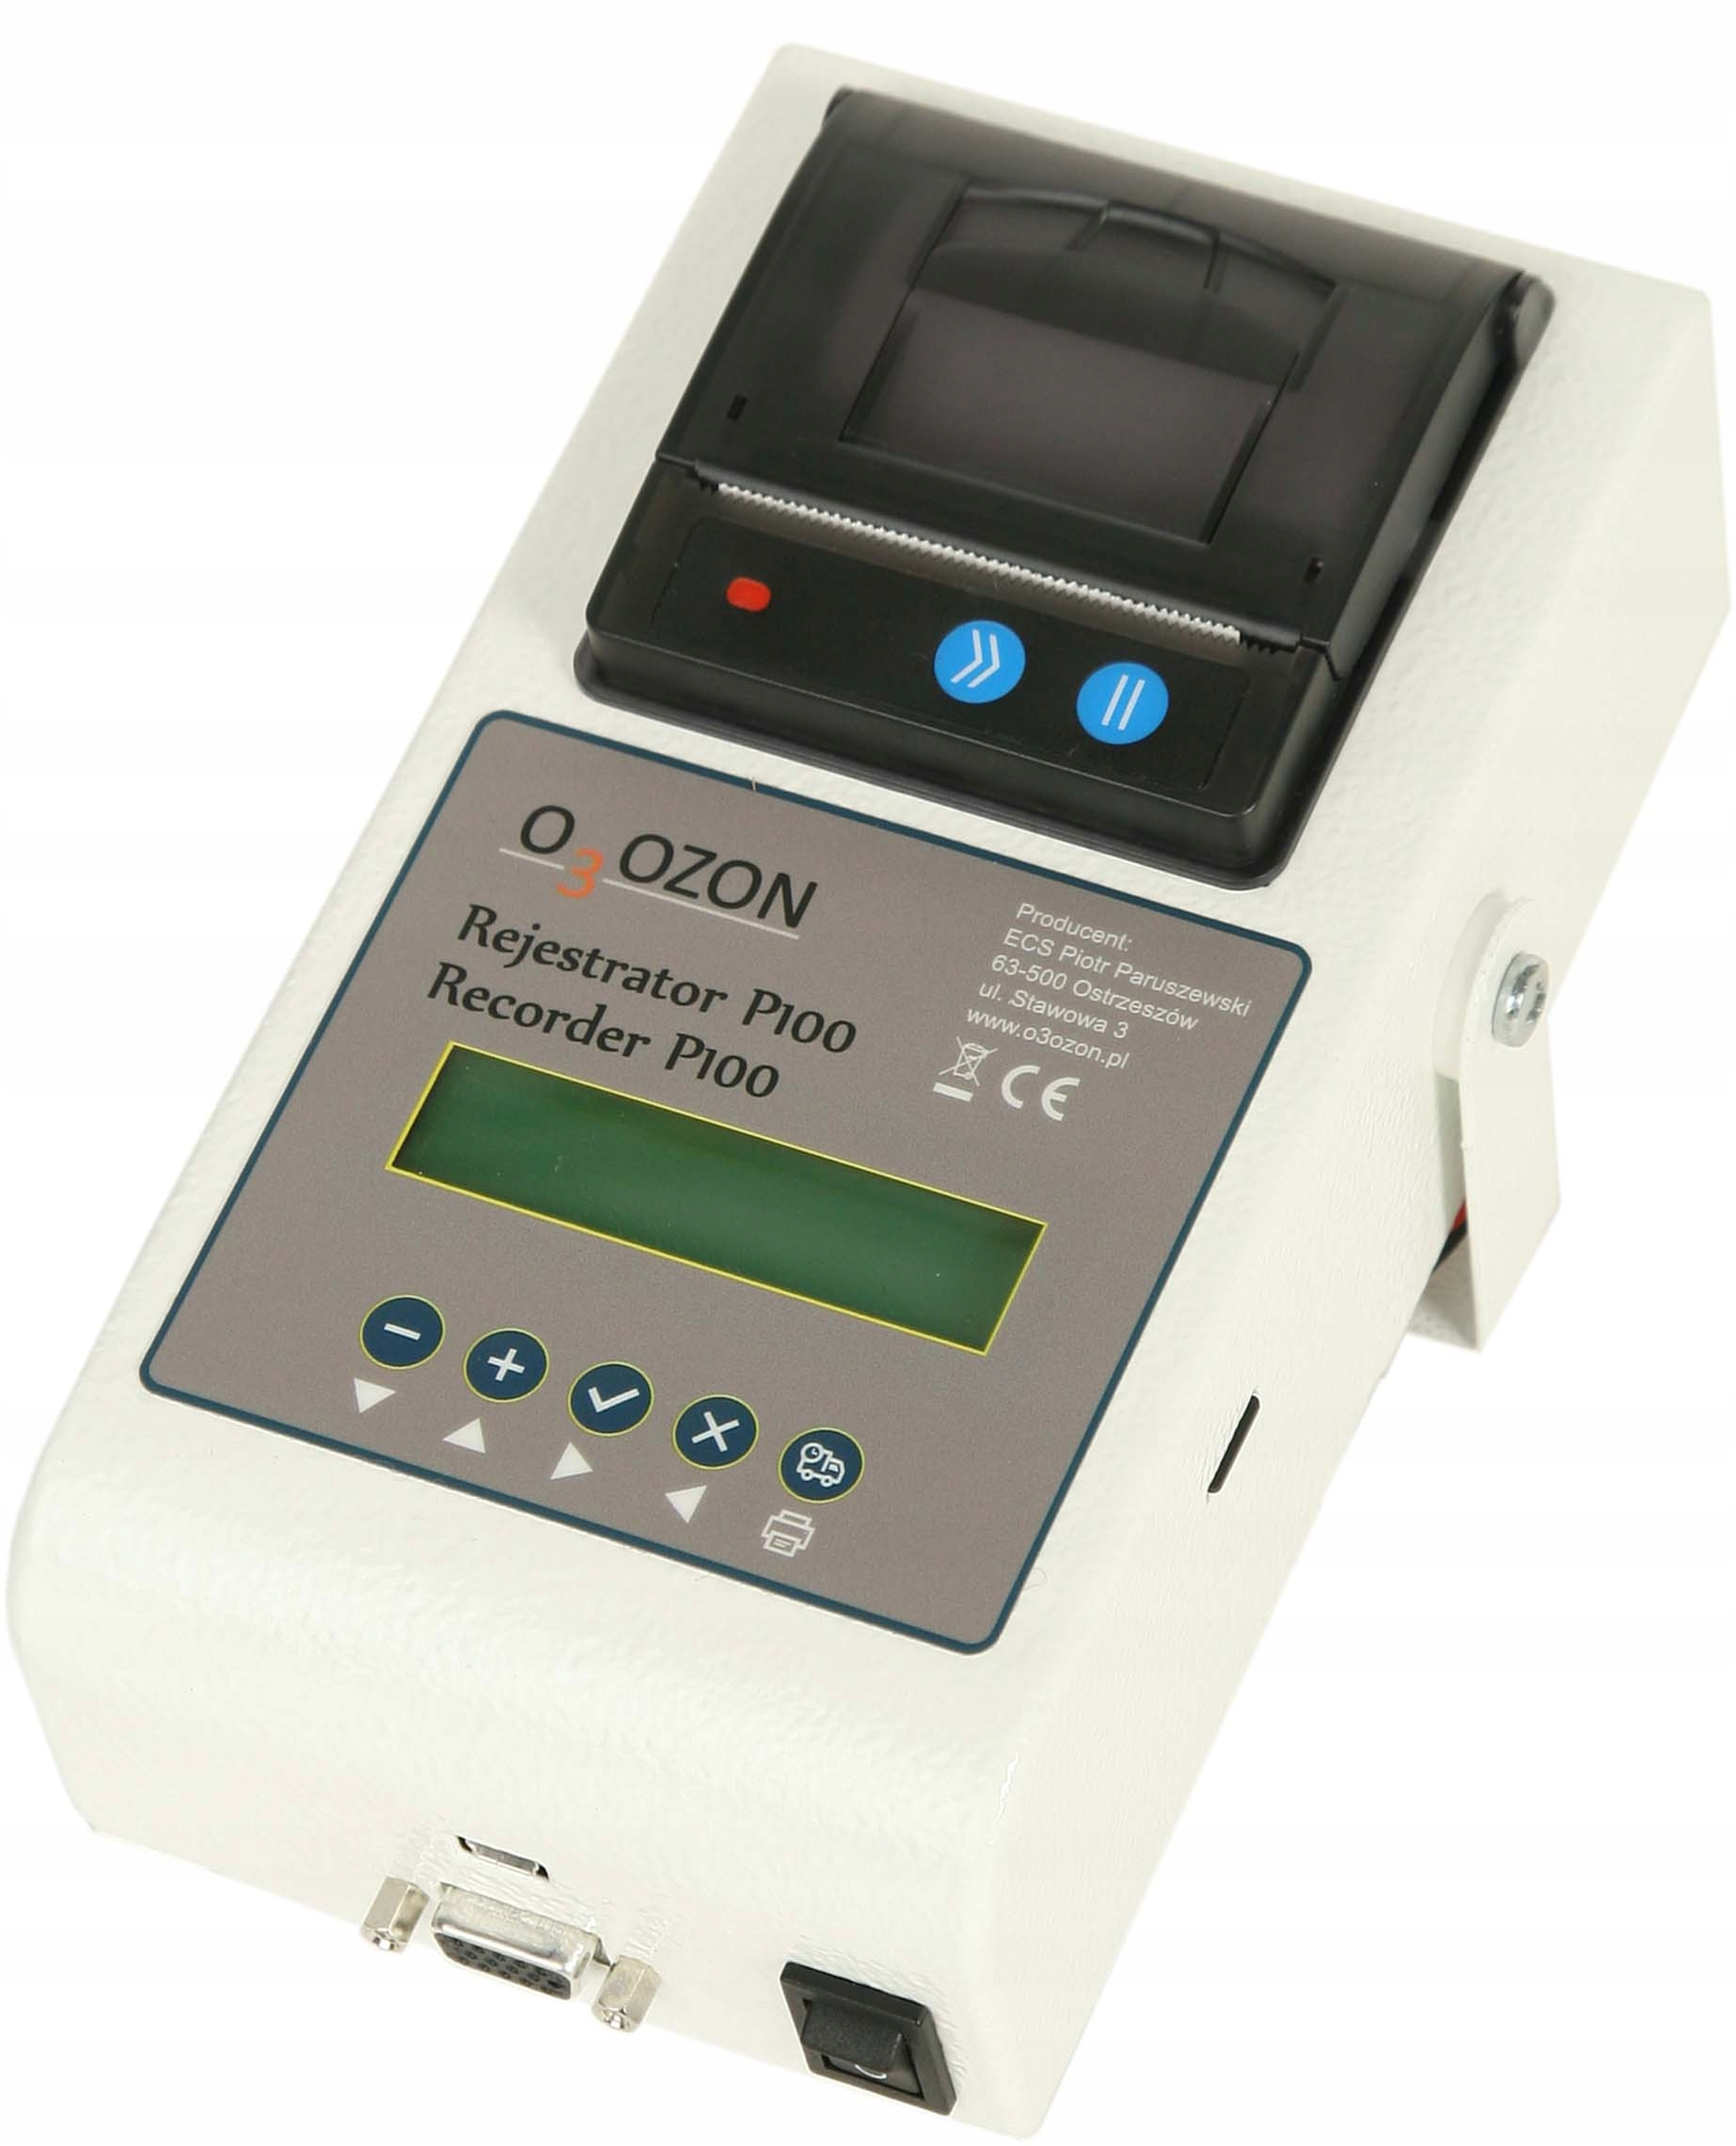 термографом регистратор температуры p1002 принтер